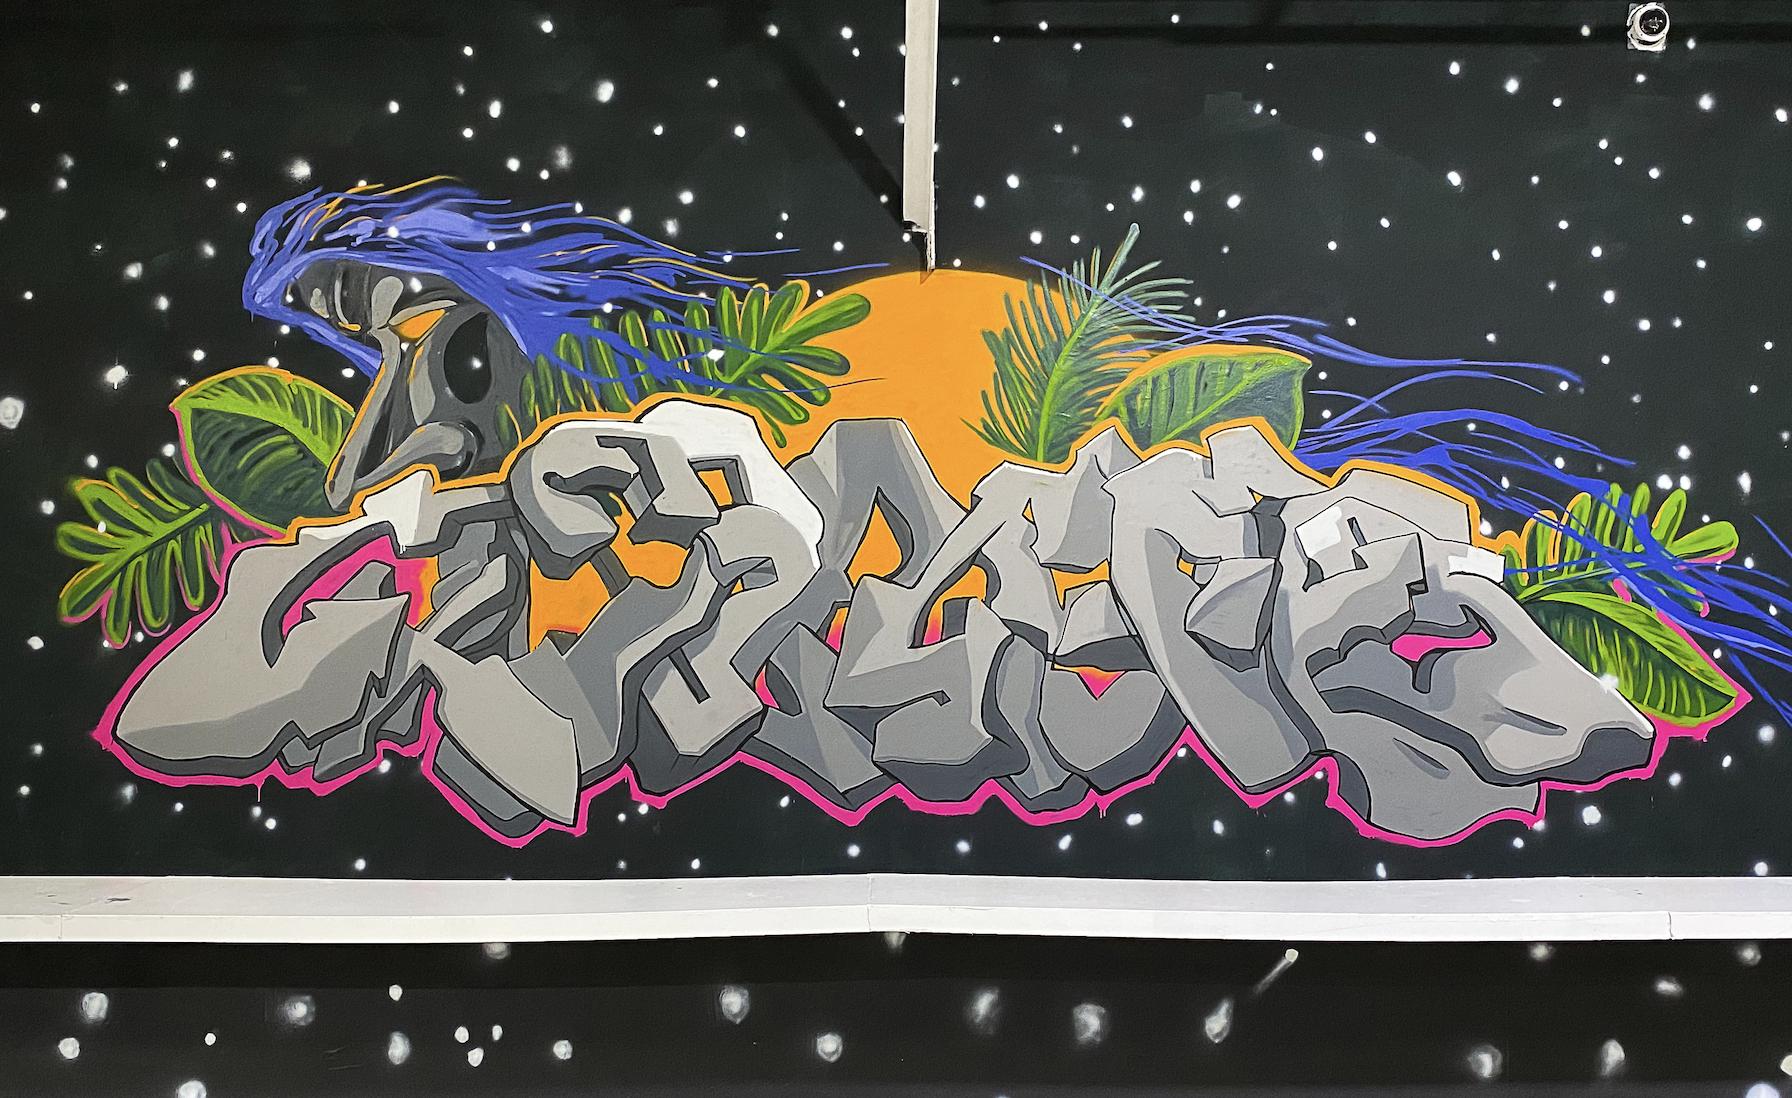 0xD9B4BEF9 [mural at Bitcoin 2021]